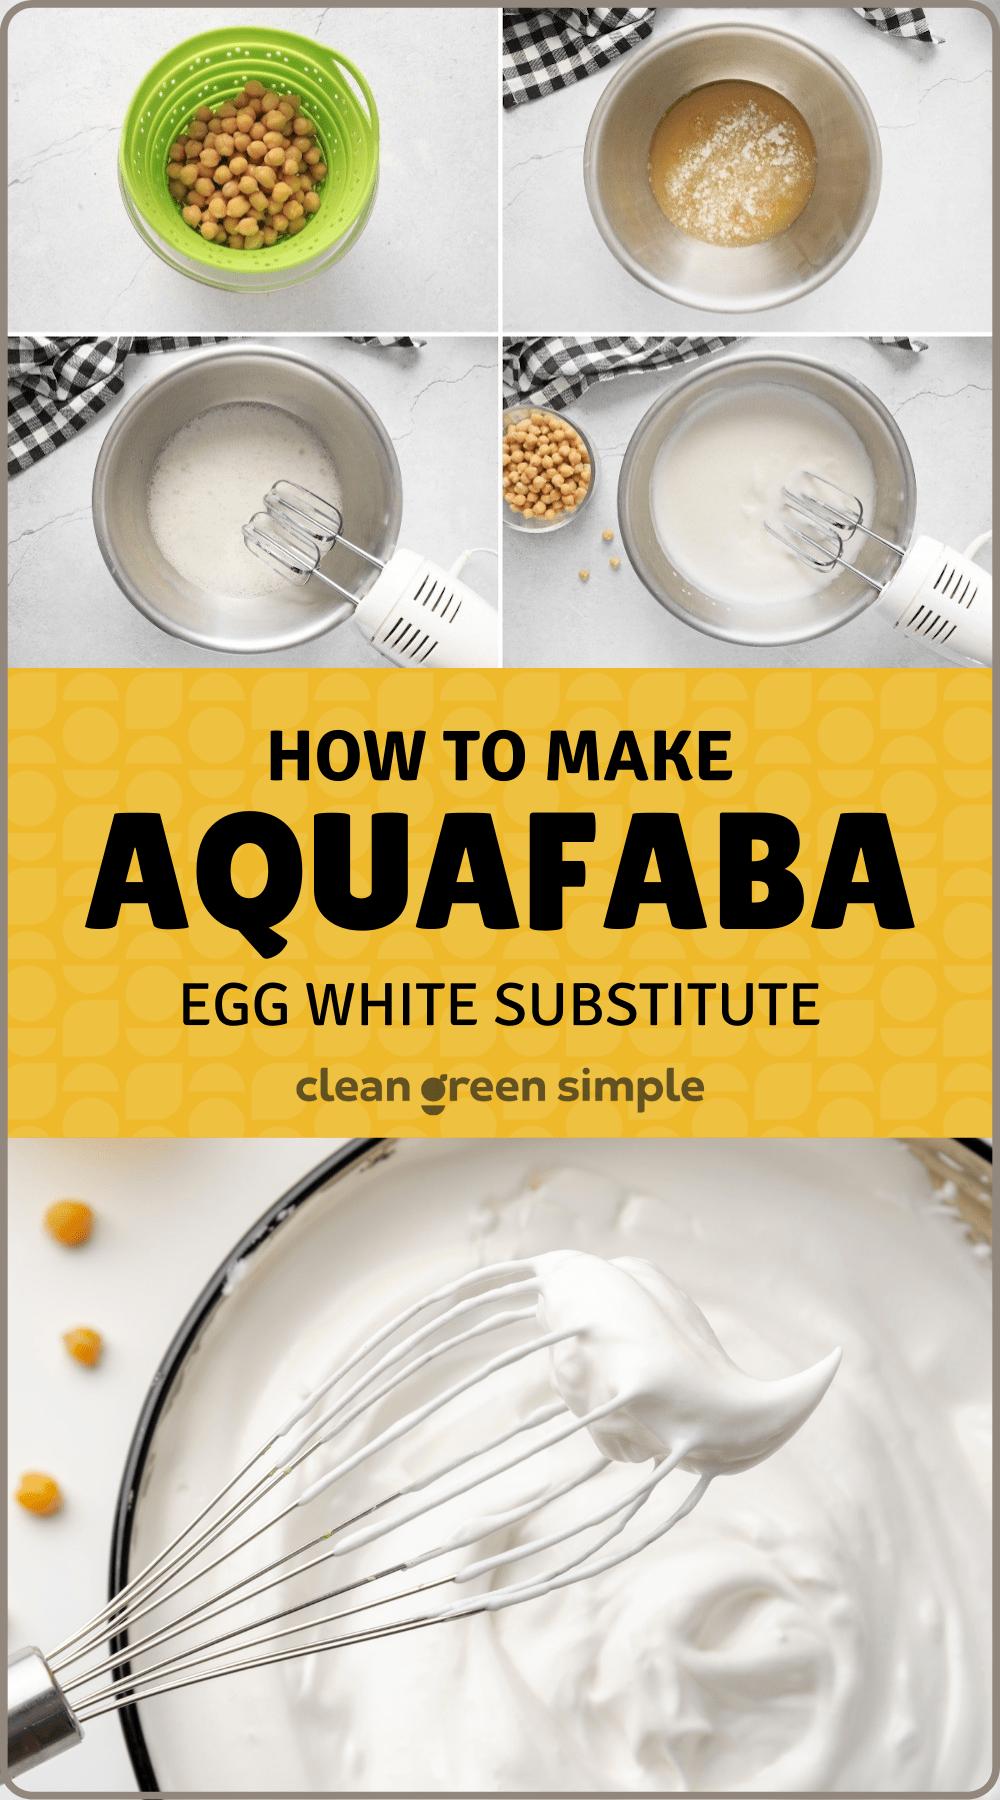 How to make aquafaba